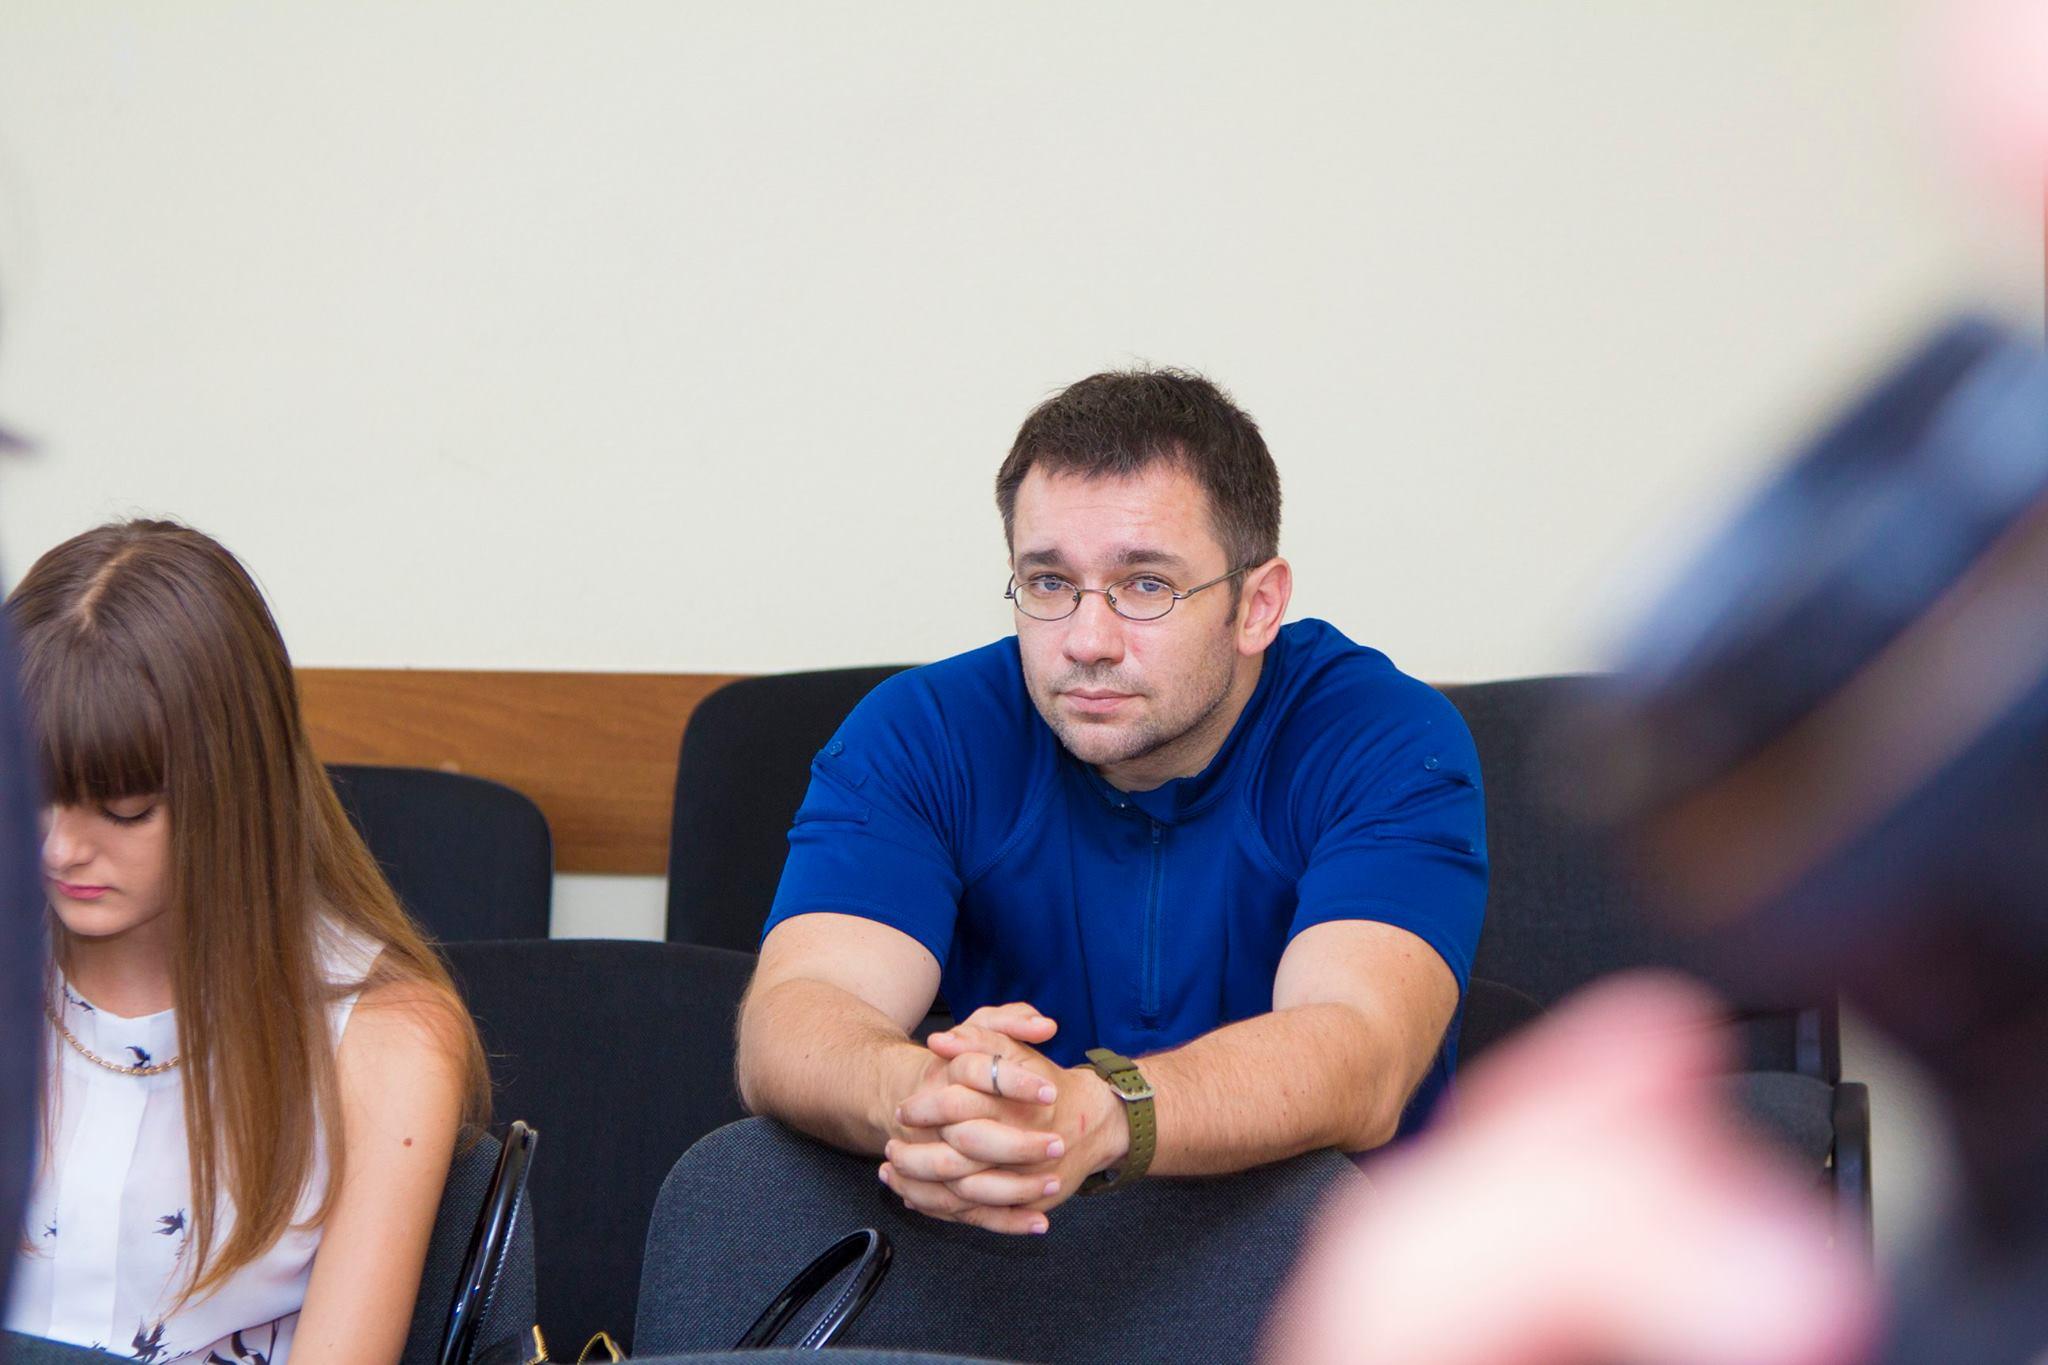 Руководитель Запорожского областного центра молодежи уволился после драки в обгосадминистрации